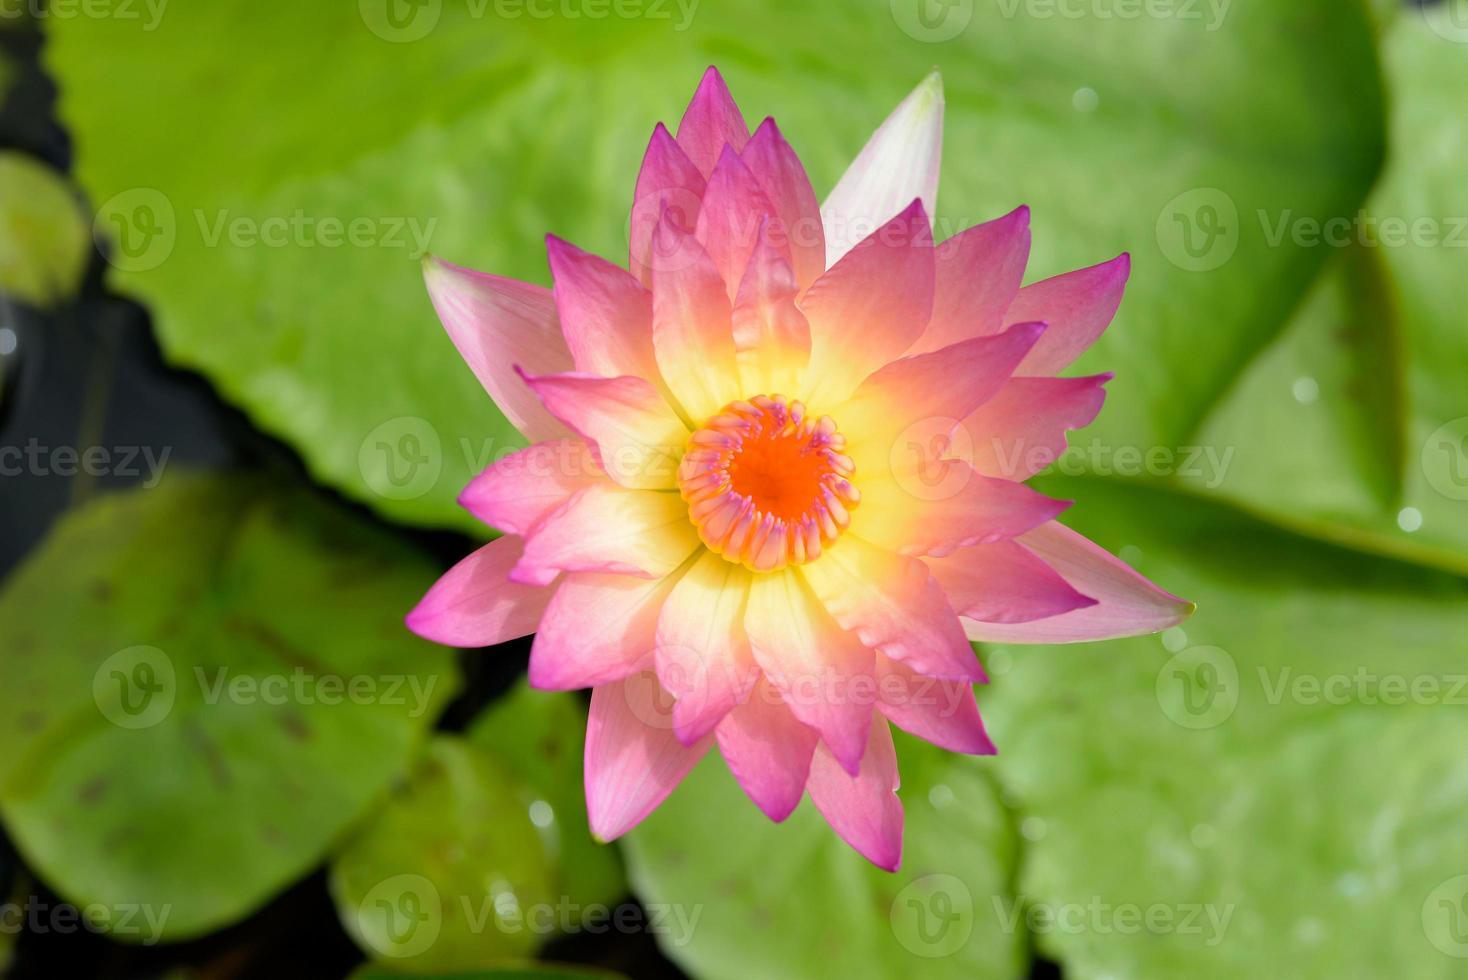 fleur de lotus et plantes de fleur de lotus photo